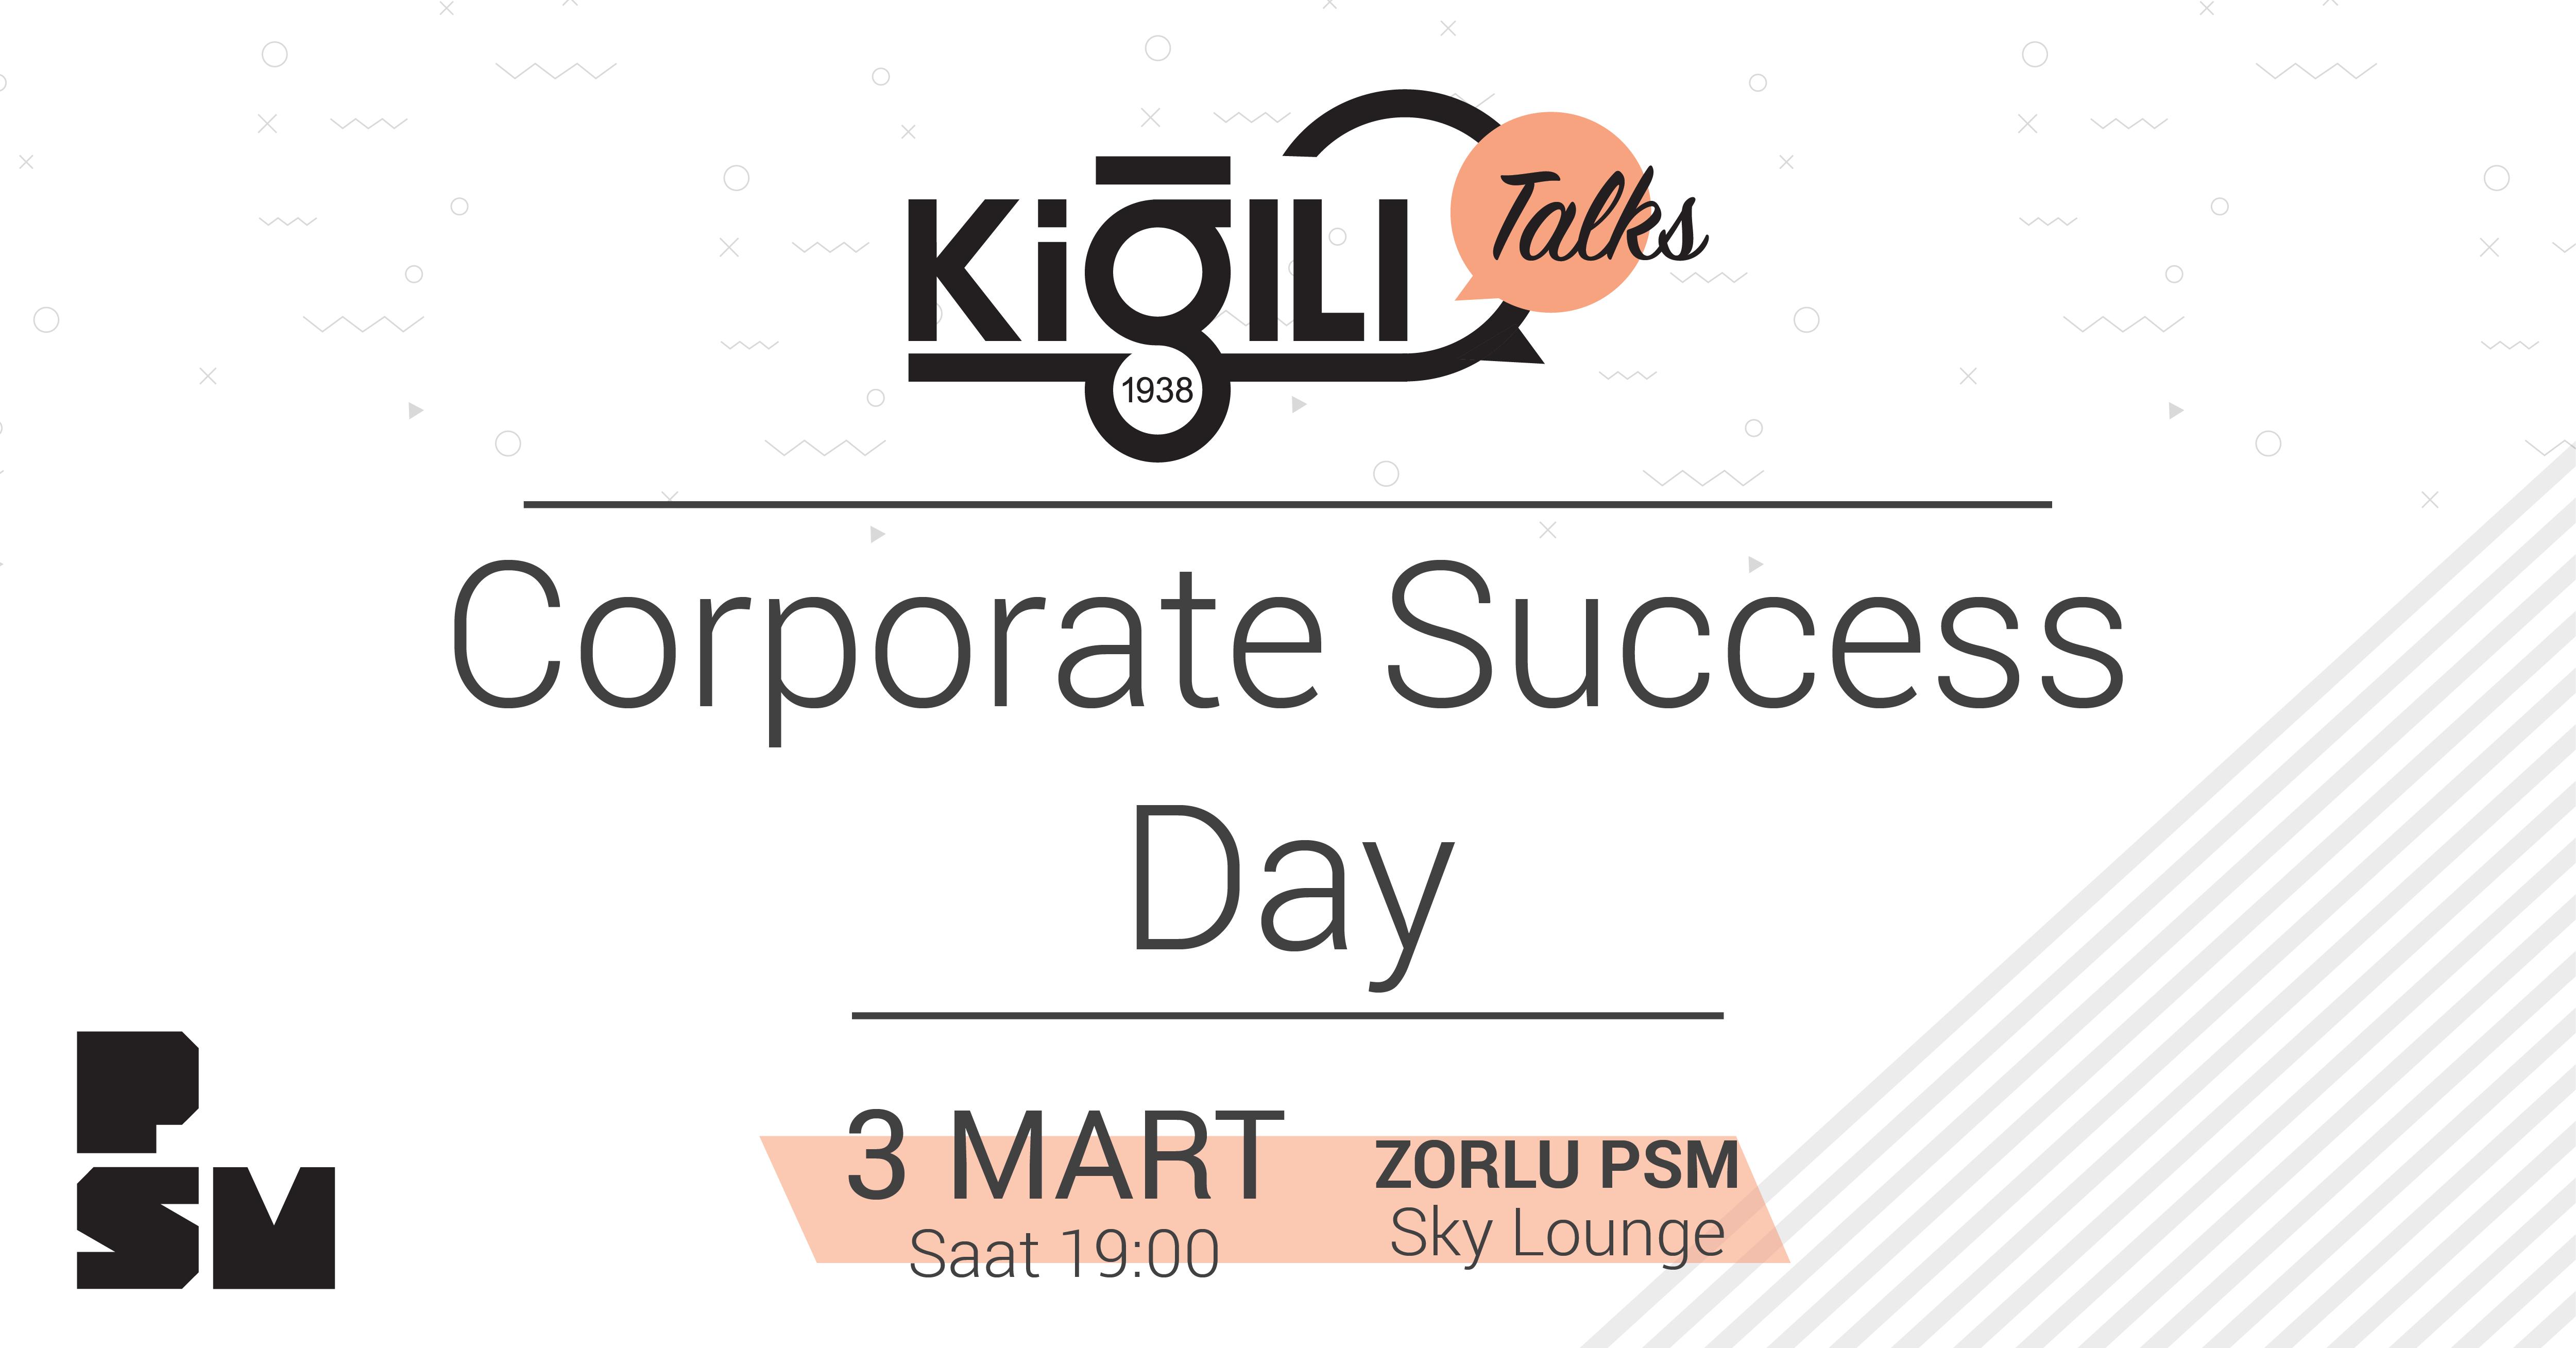 Kiğılı Talks'un Beşinci Buluşması 'Corporate Success Day' Teması ile Gerçekleşecek